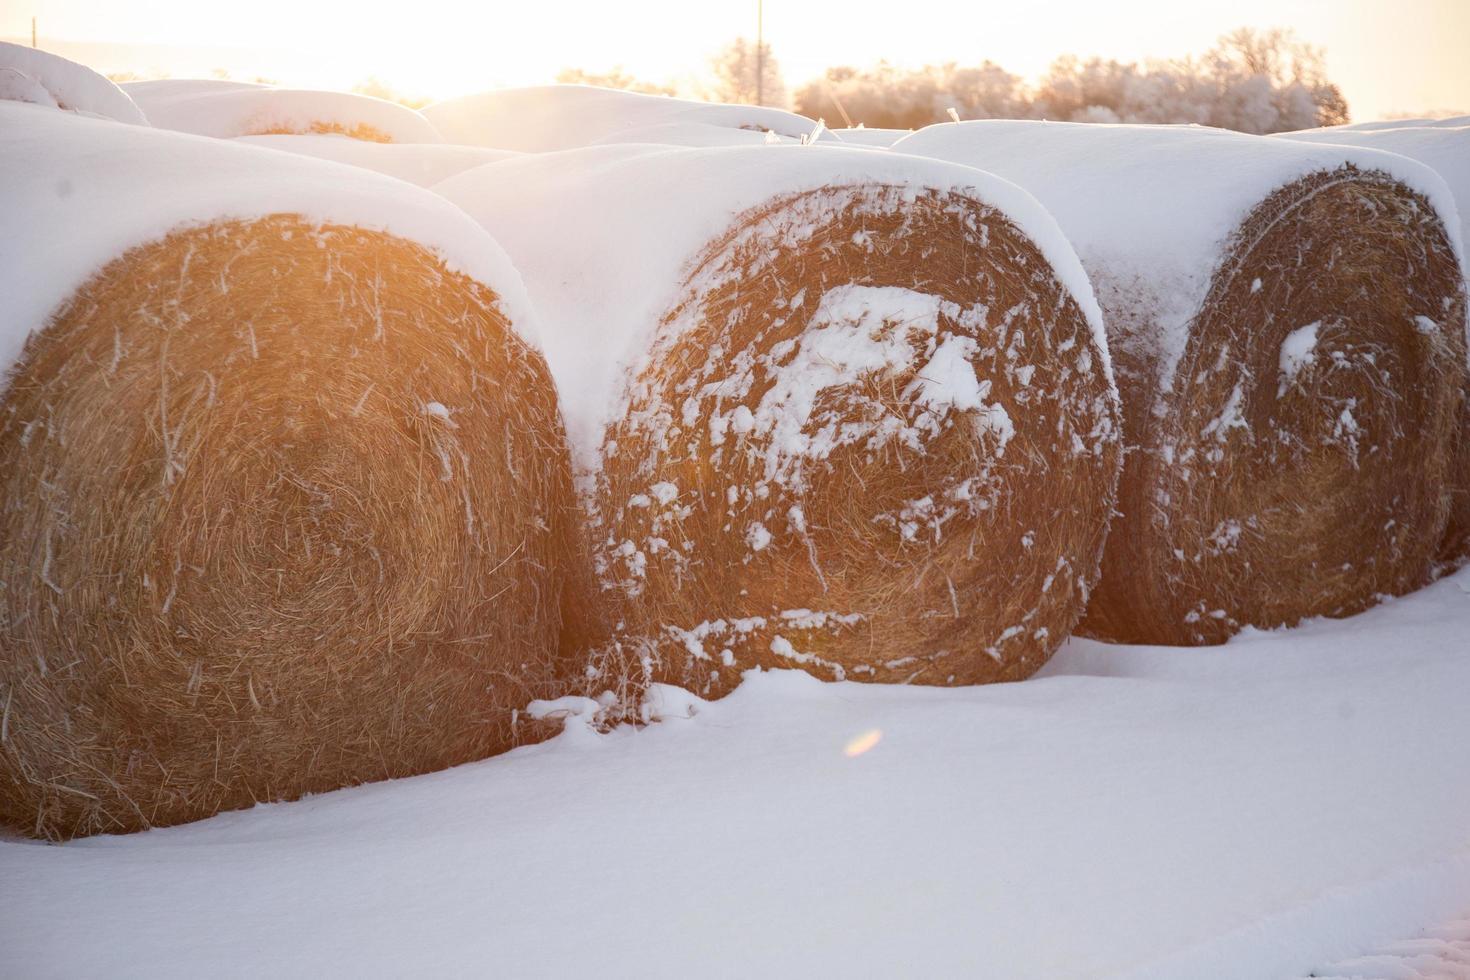 bails de foin au lever du soleil dans la neige photo